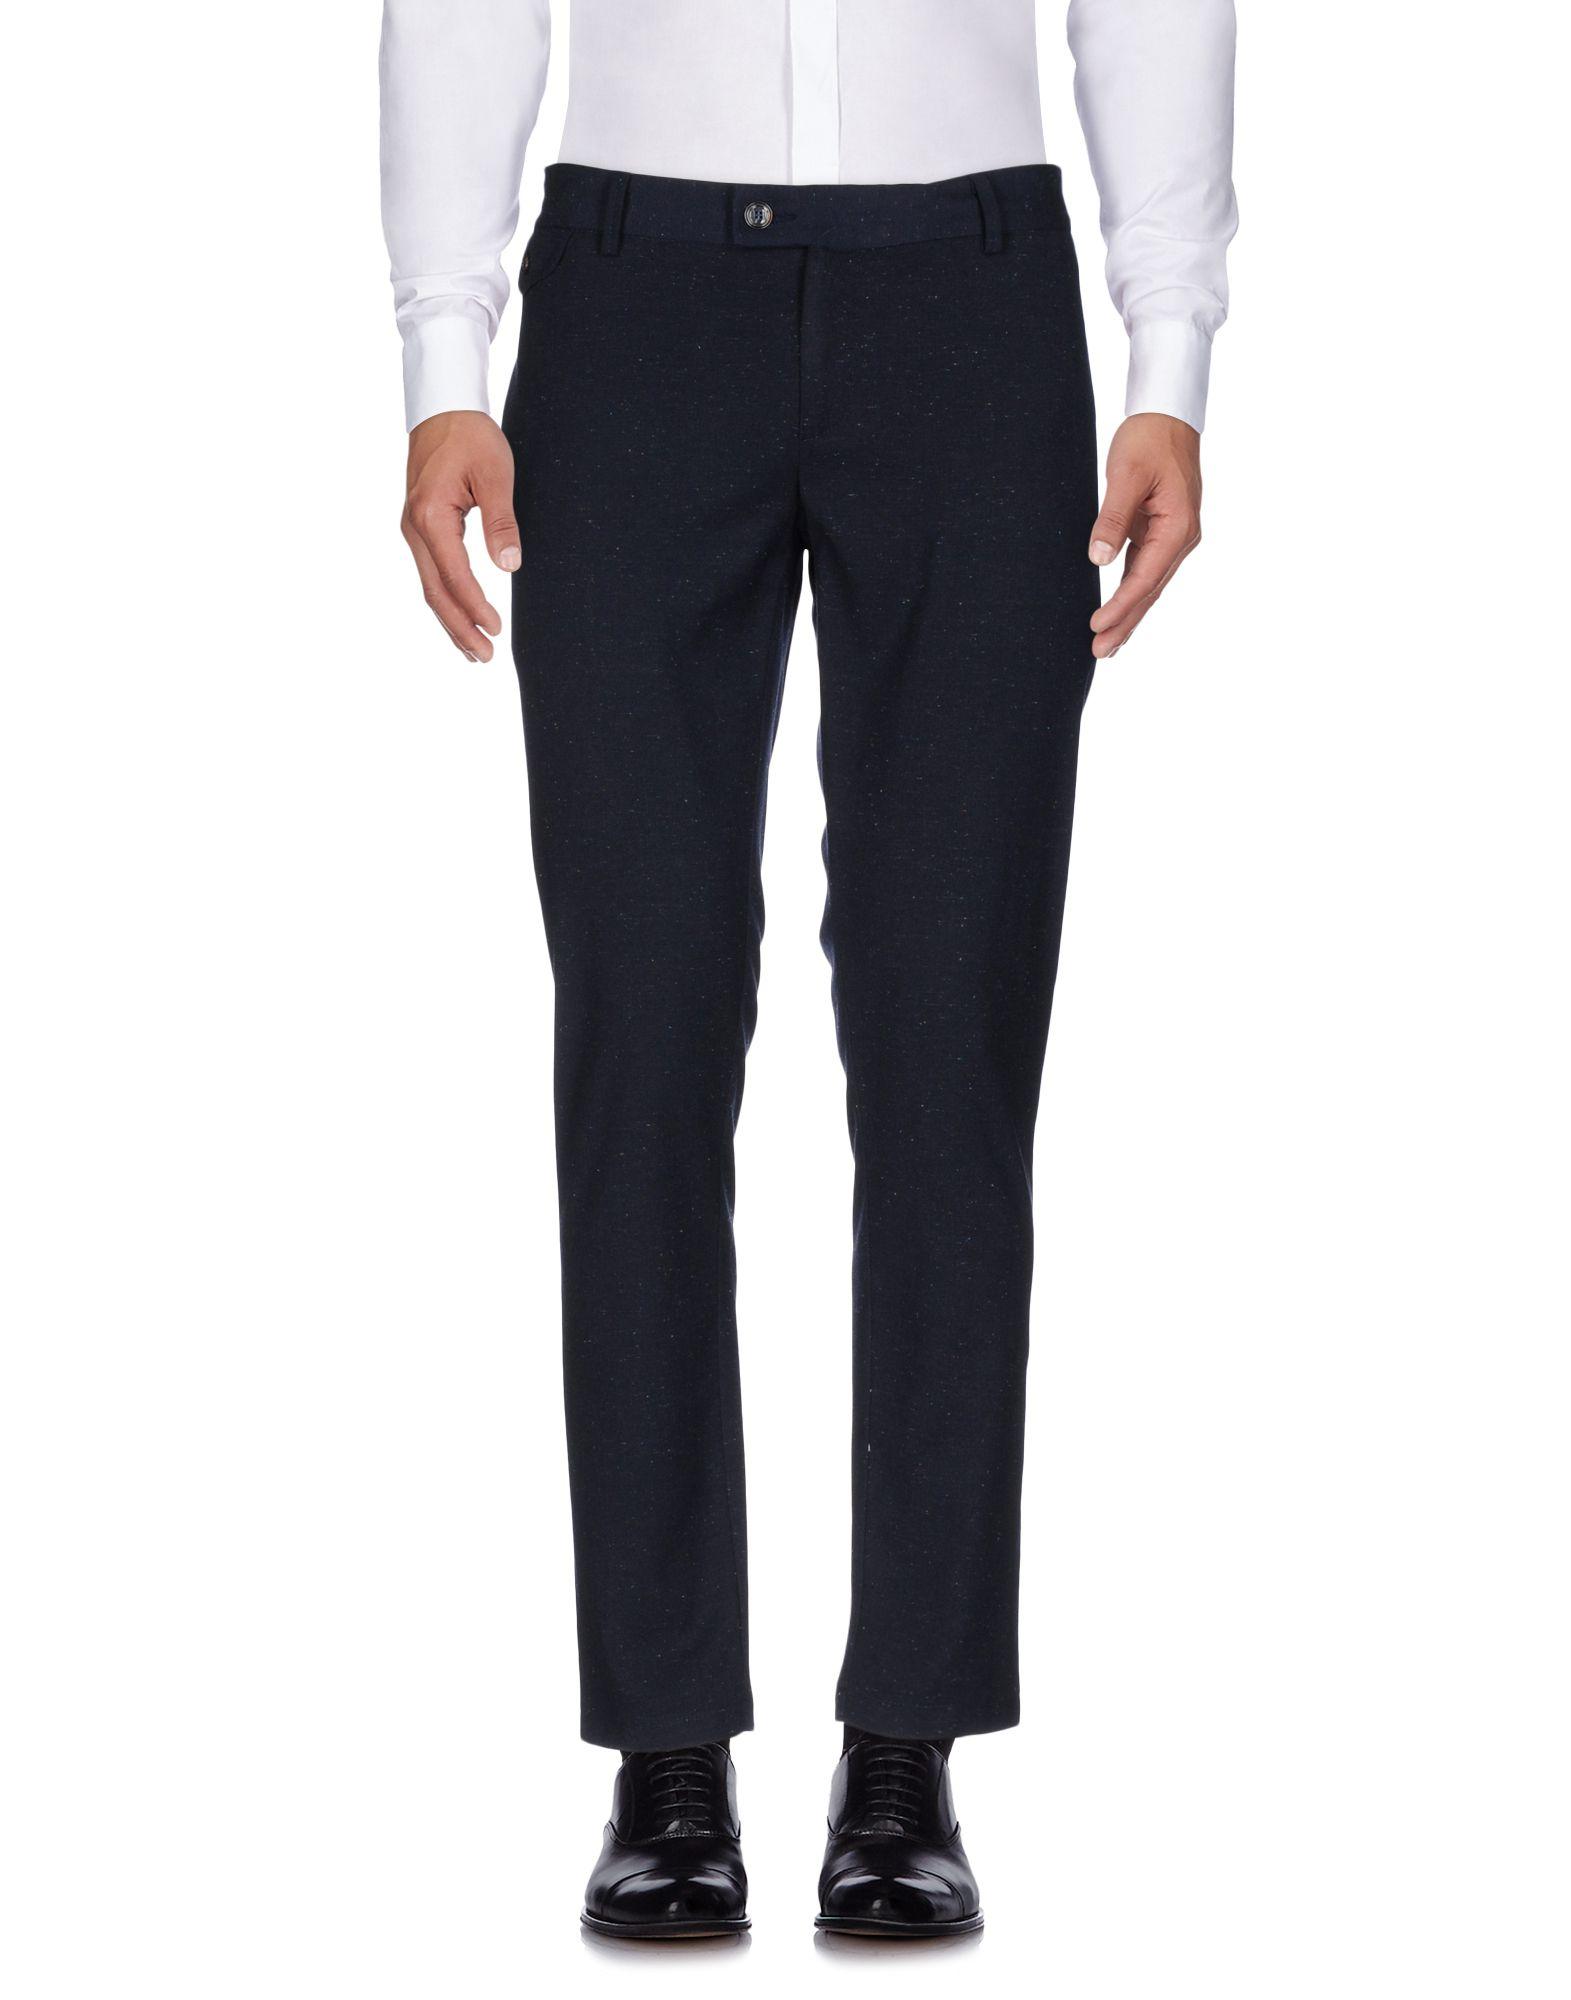 купить KOON Повседневные брюки по цене 2300 рублей